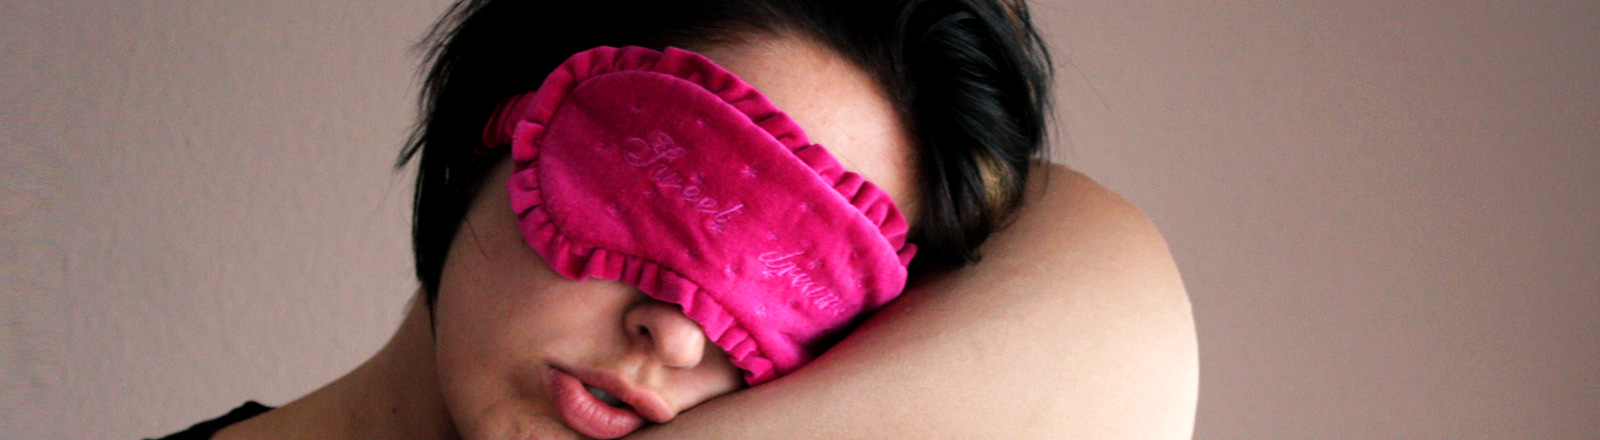 Verschlafene Frau mit Augenmaske